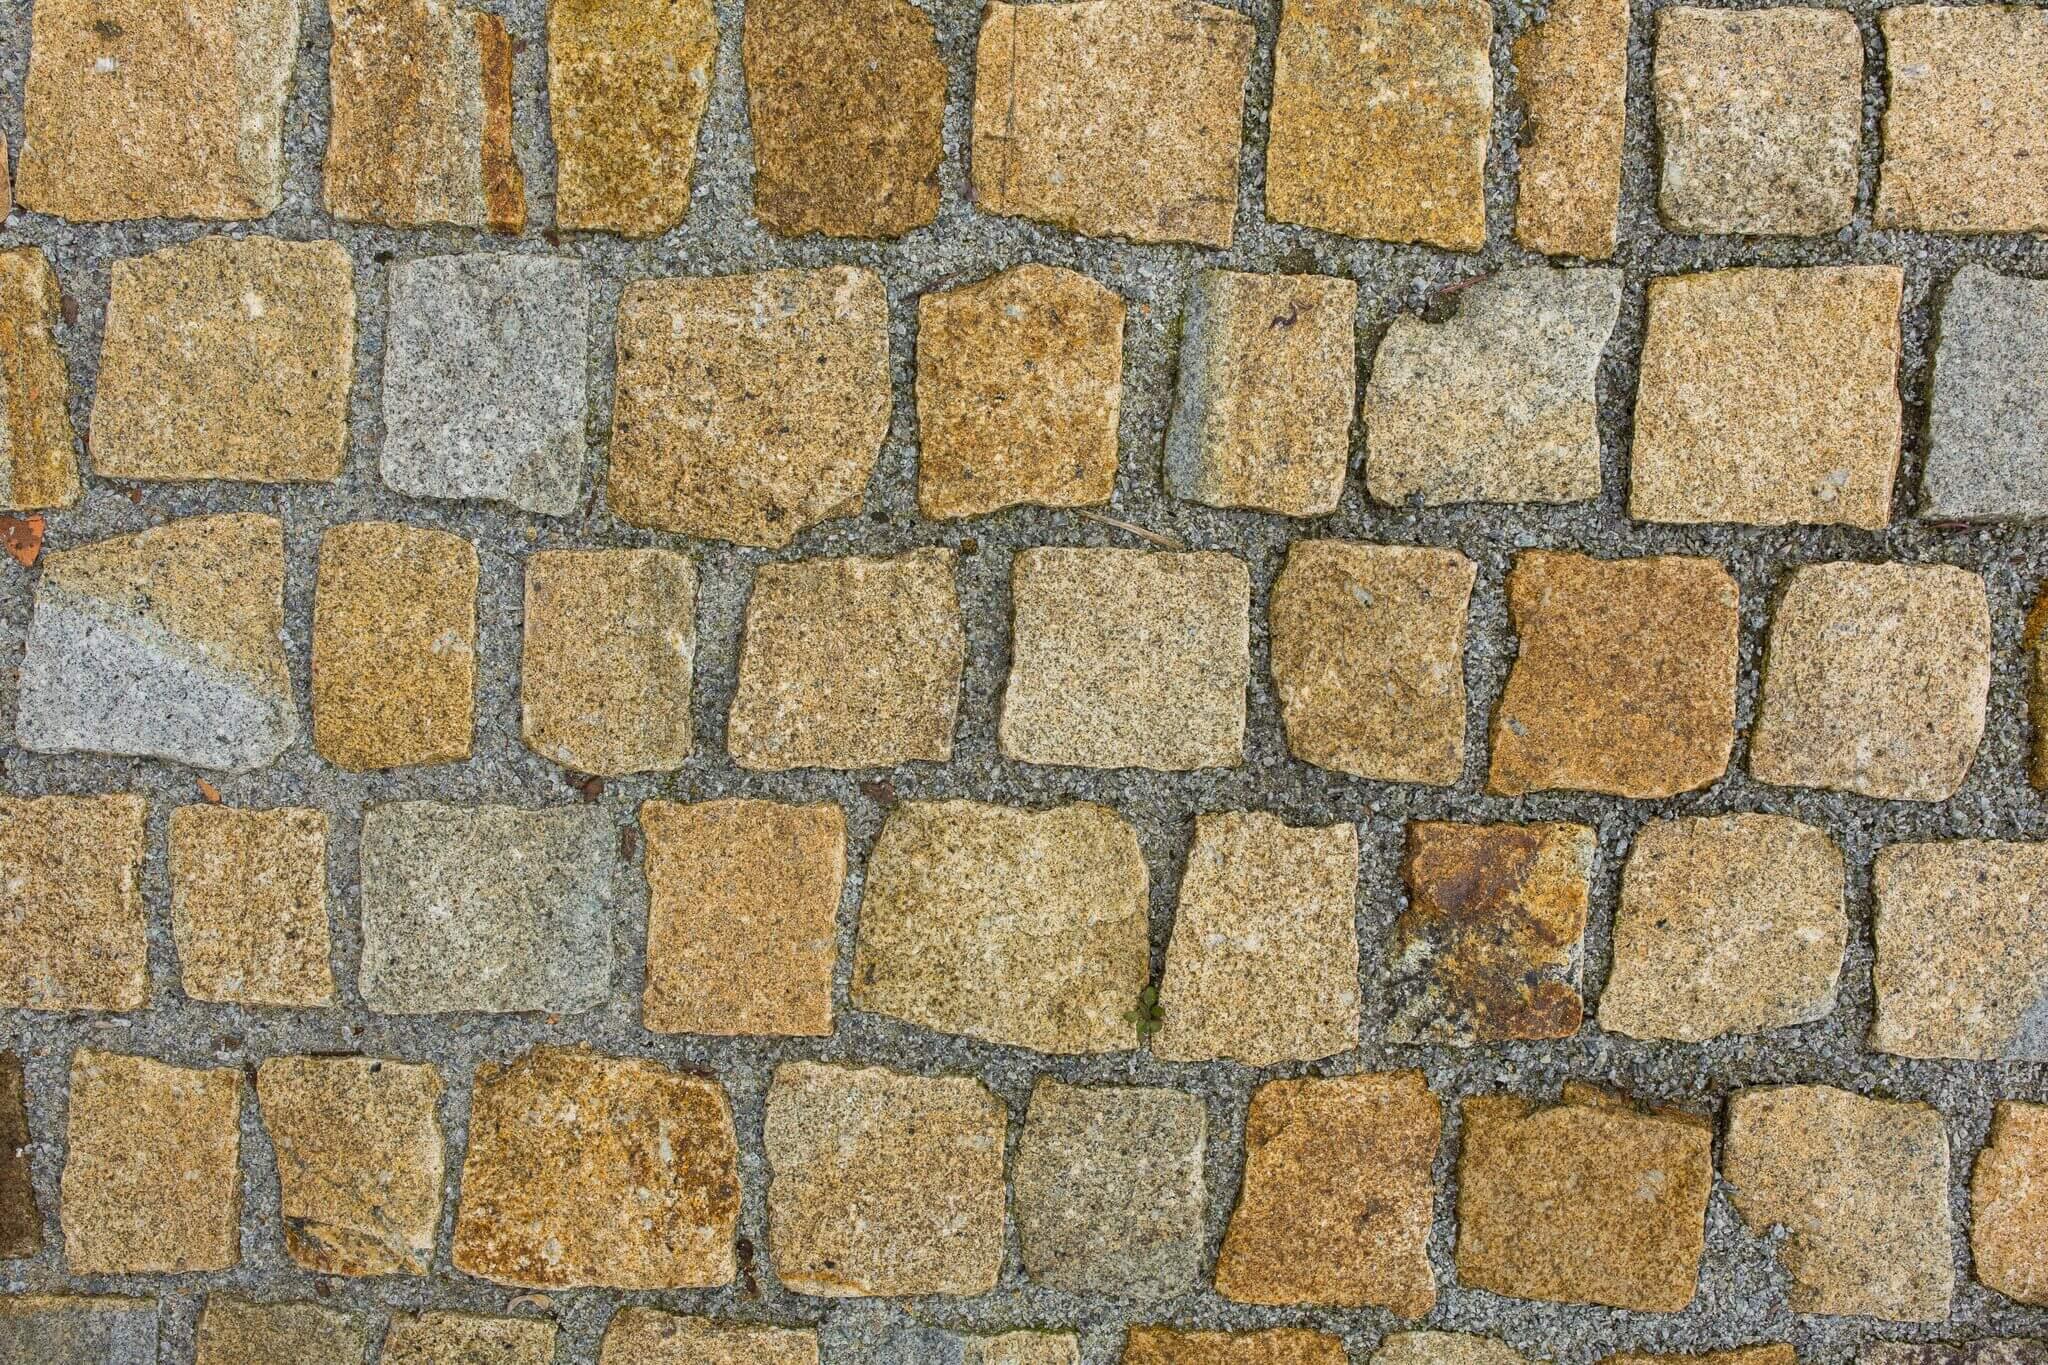 neues granit kleinpflaster   cm regelmaessig